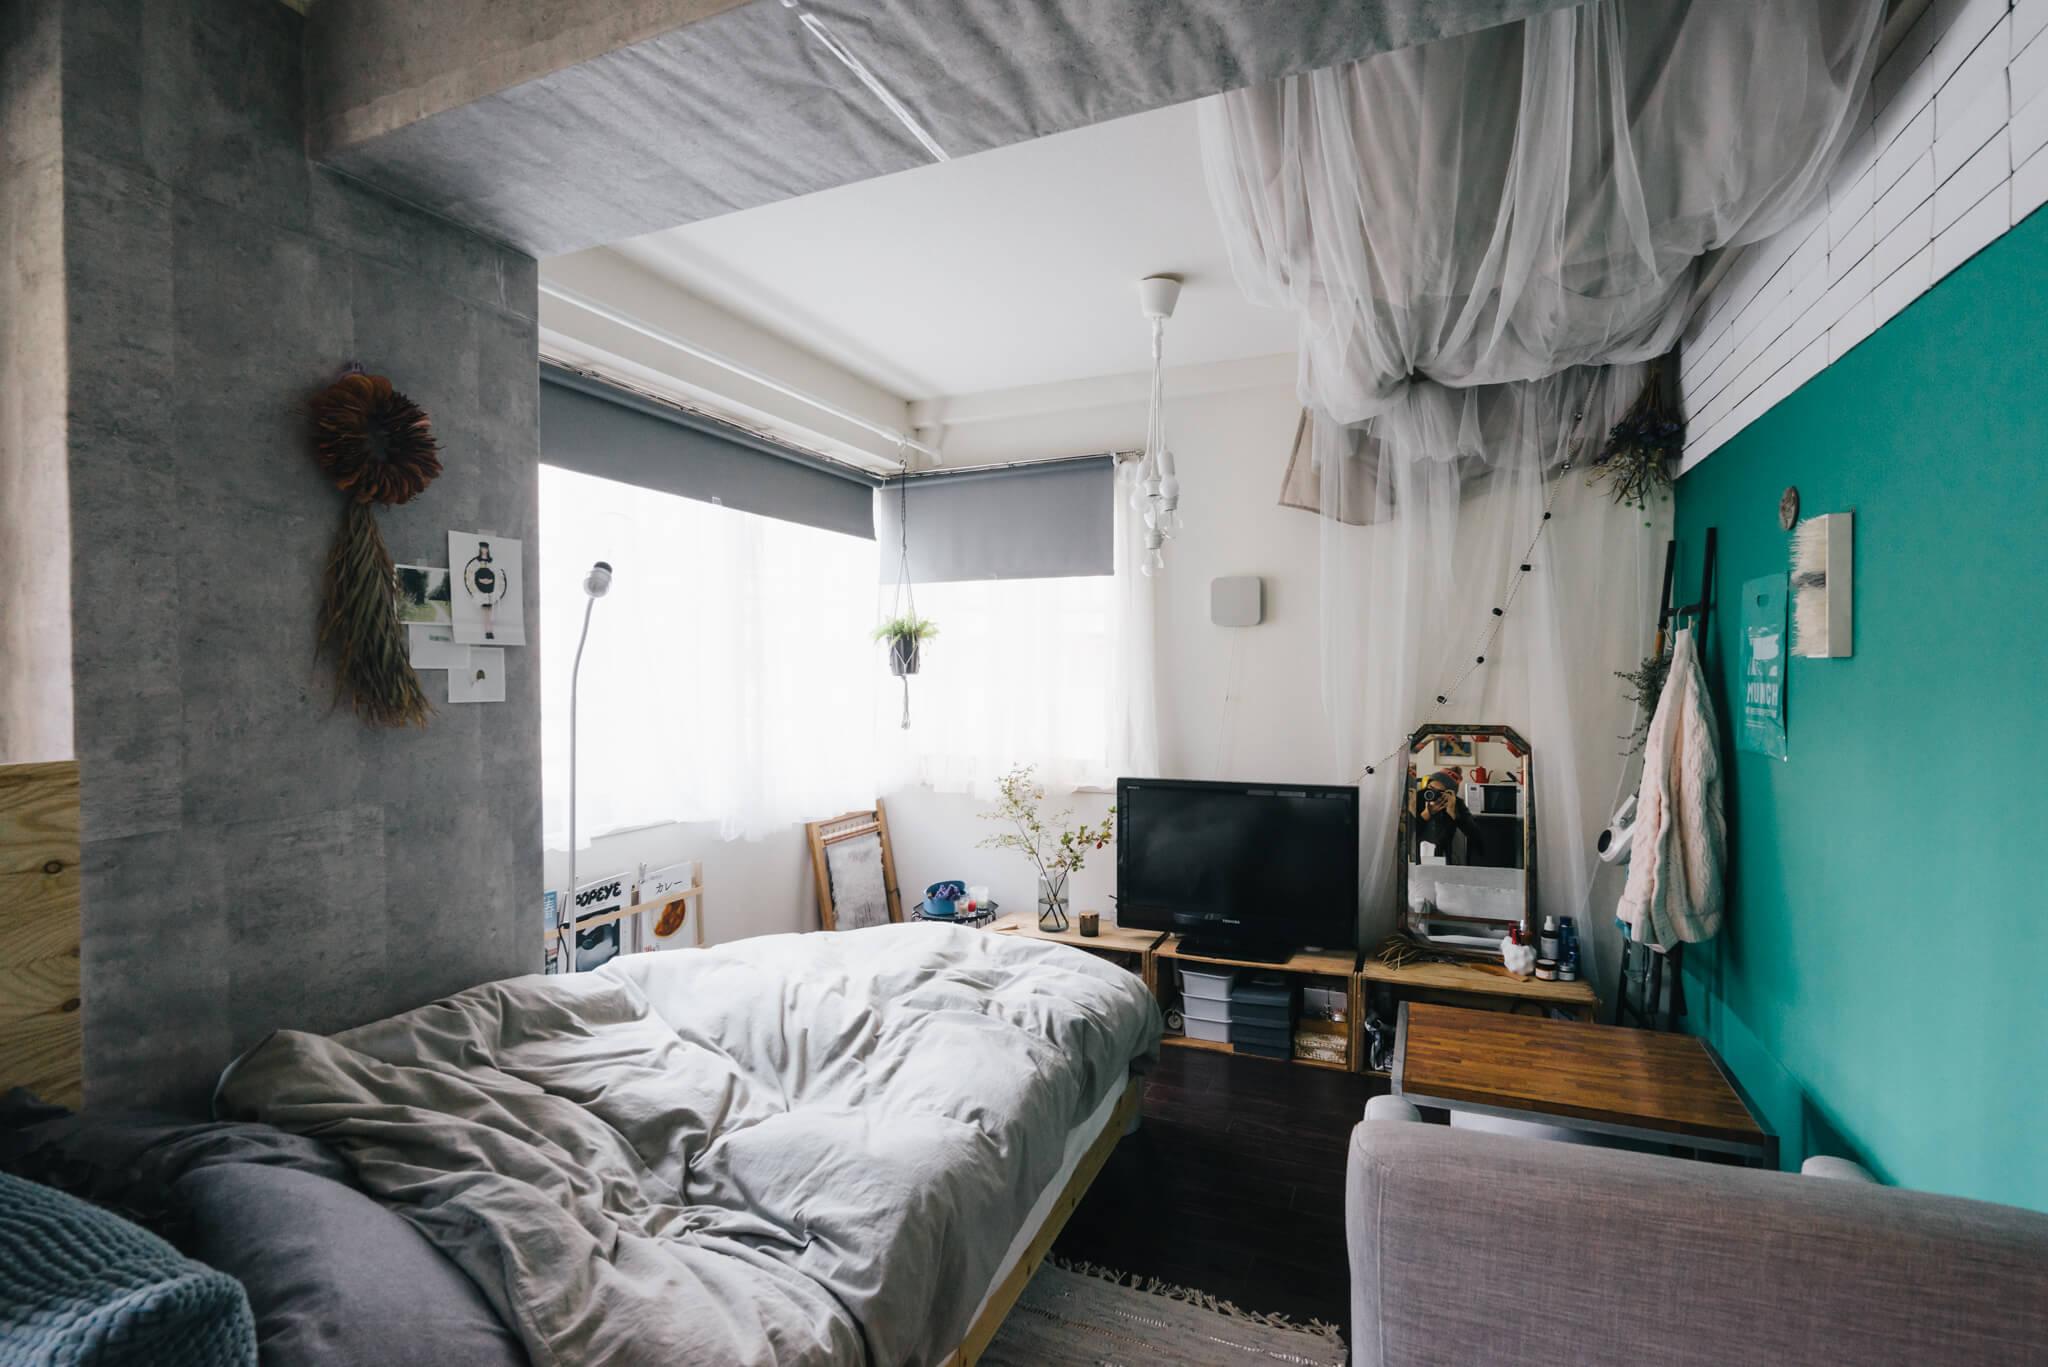 壁だけでなく、天井から吊るされた布に至るまで、グレーのアイテムをふんだんに使ったお部屋。